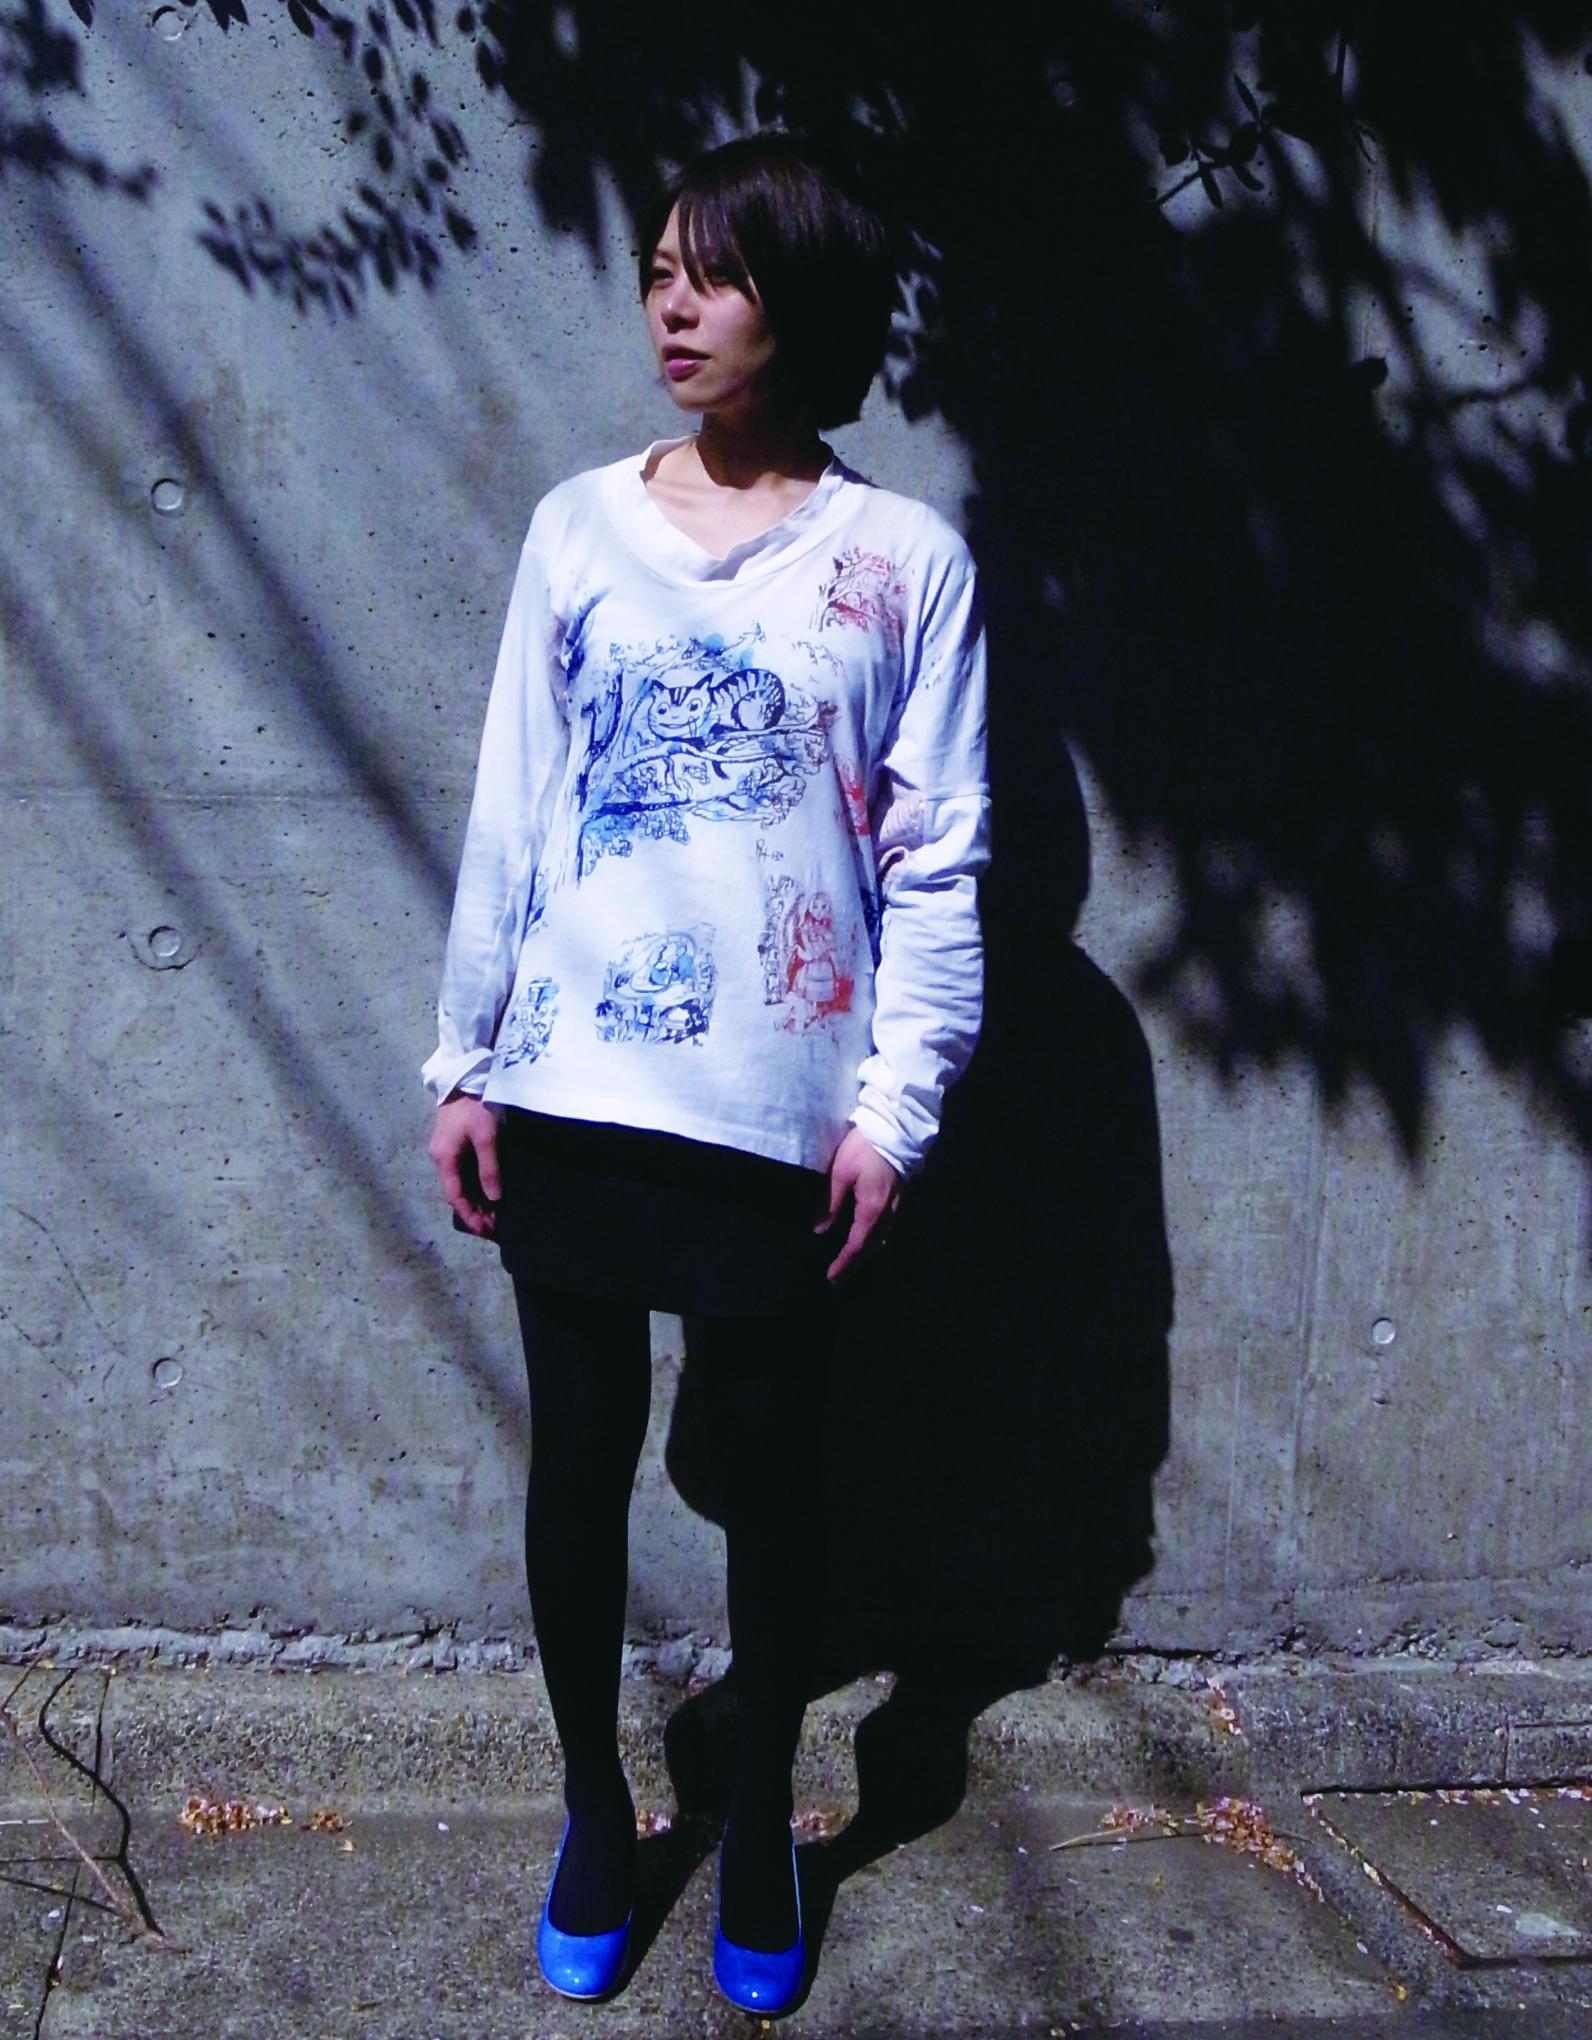 yukaDのソロデビュー作が5月度のタワレコメンに選出されました!